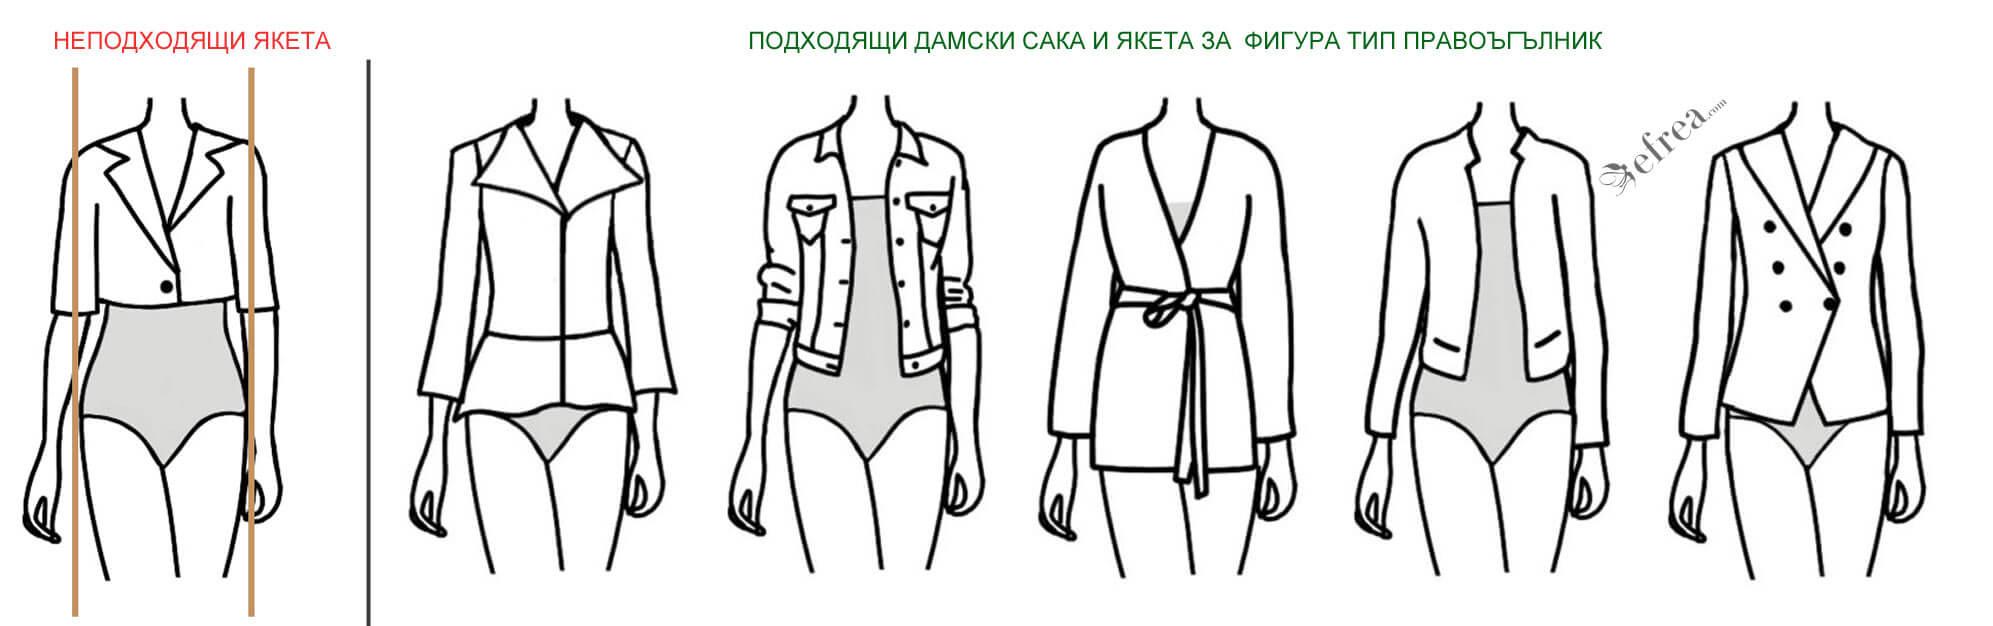 Различни видове дамски сака и якета за дами с фигура правоъгълник или колона